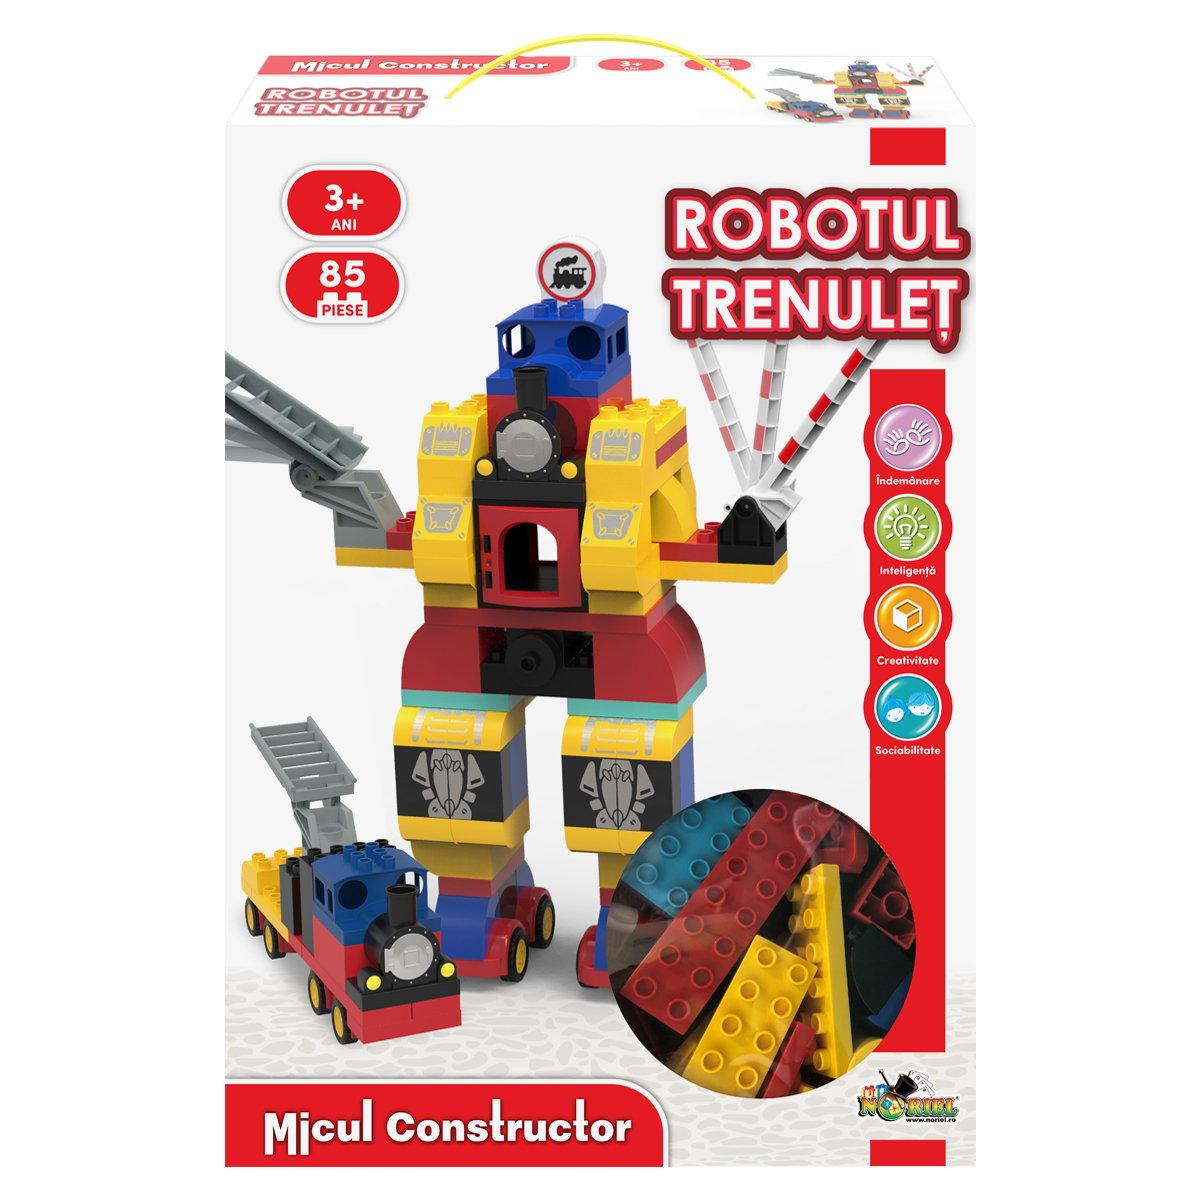 Jucarie de constructie Robotul Trenulet, Micul Constructor